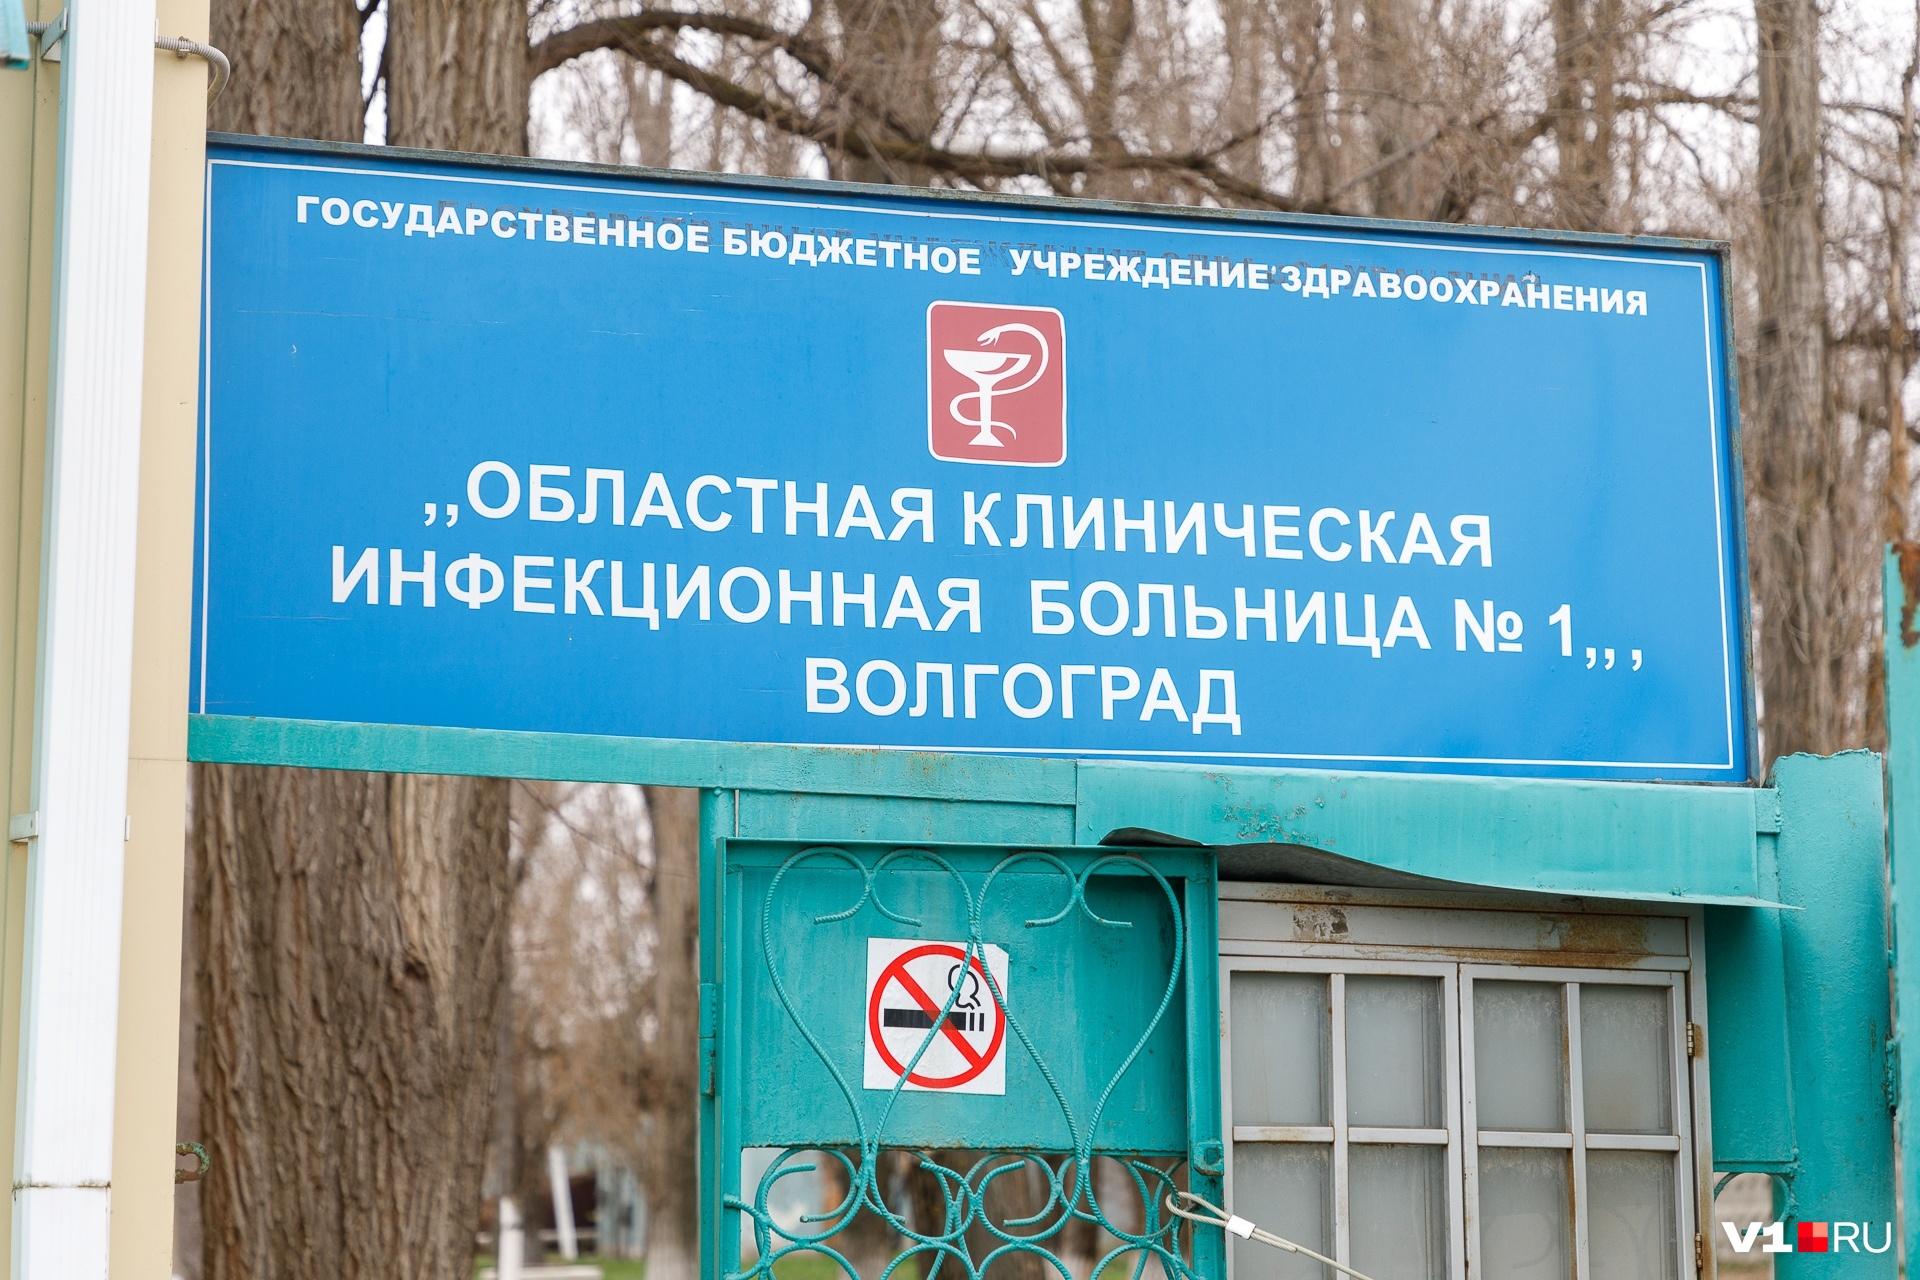 Из Котельниковского района мужчину привезли в реанимацию инфекционной больницы